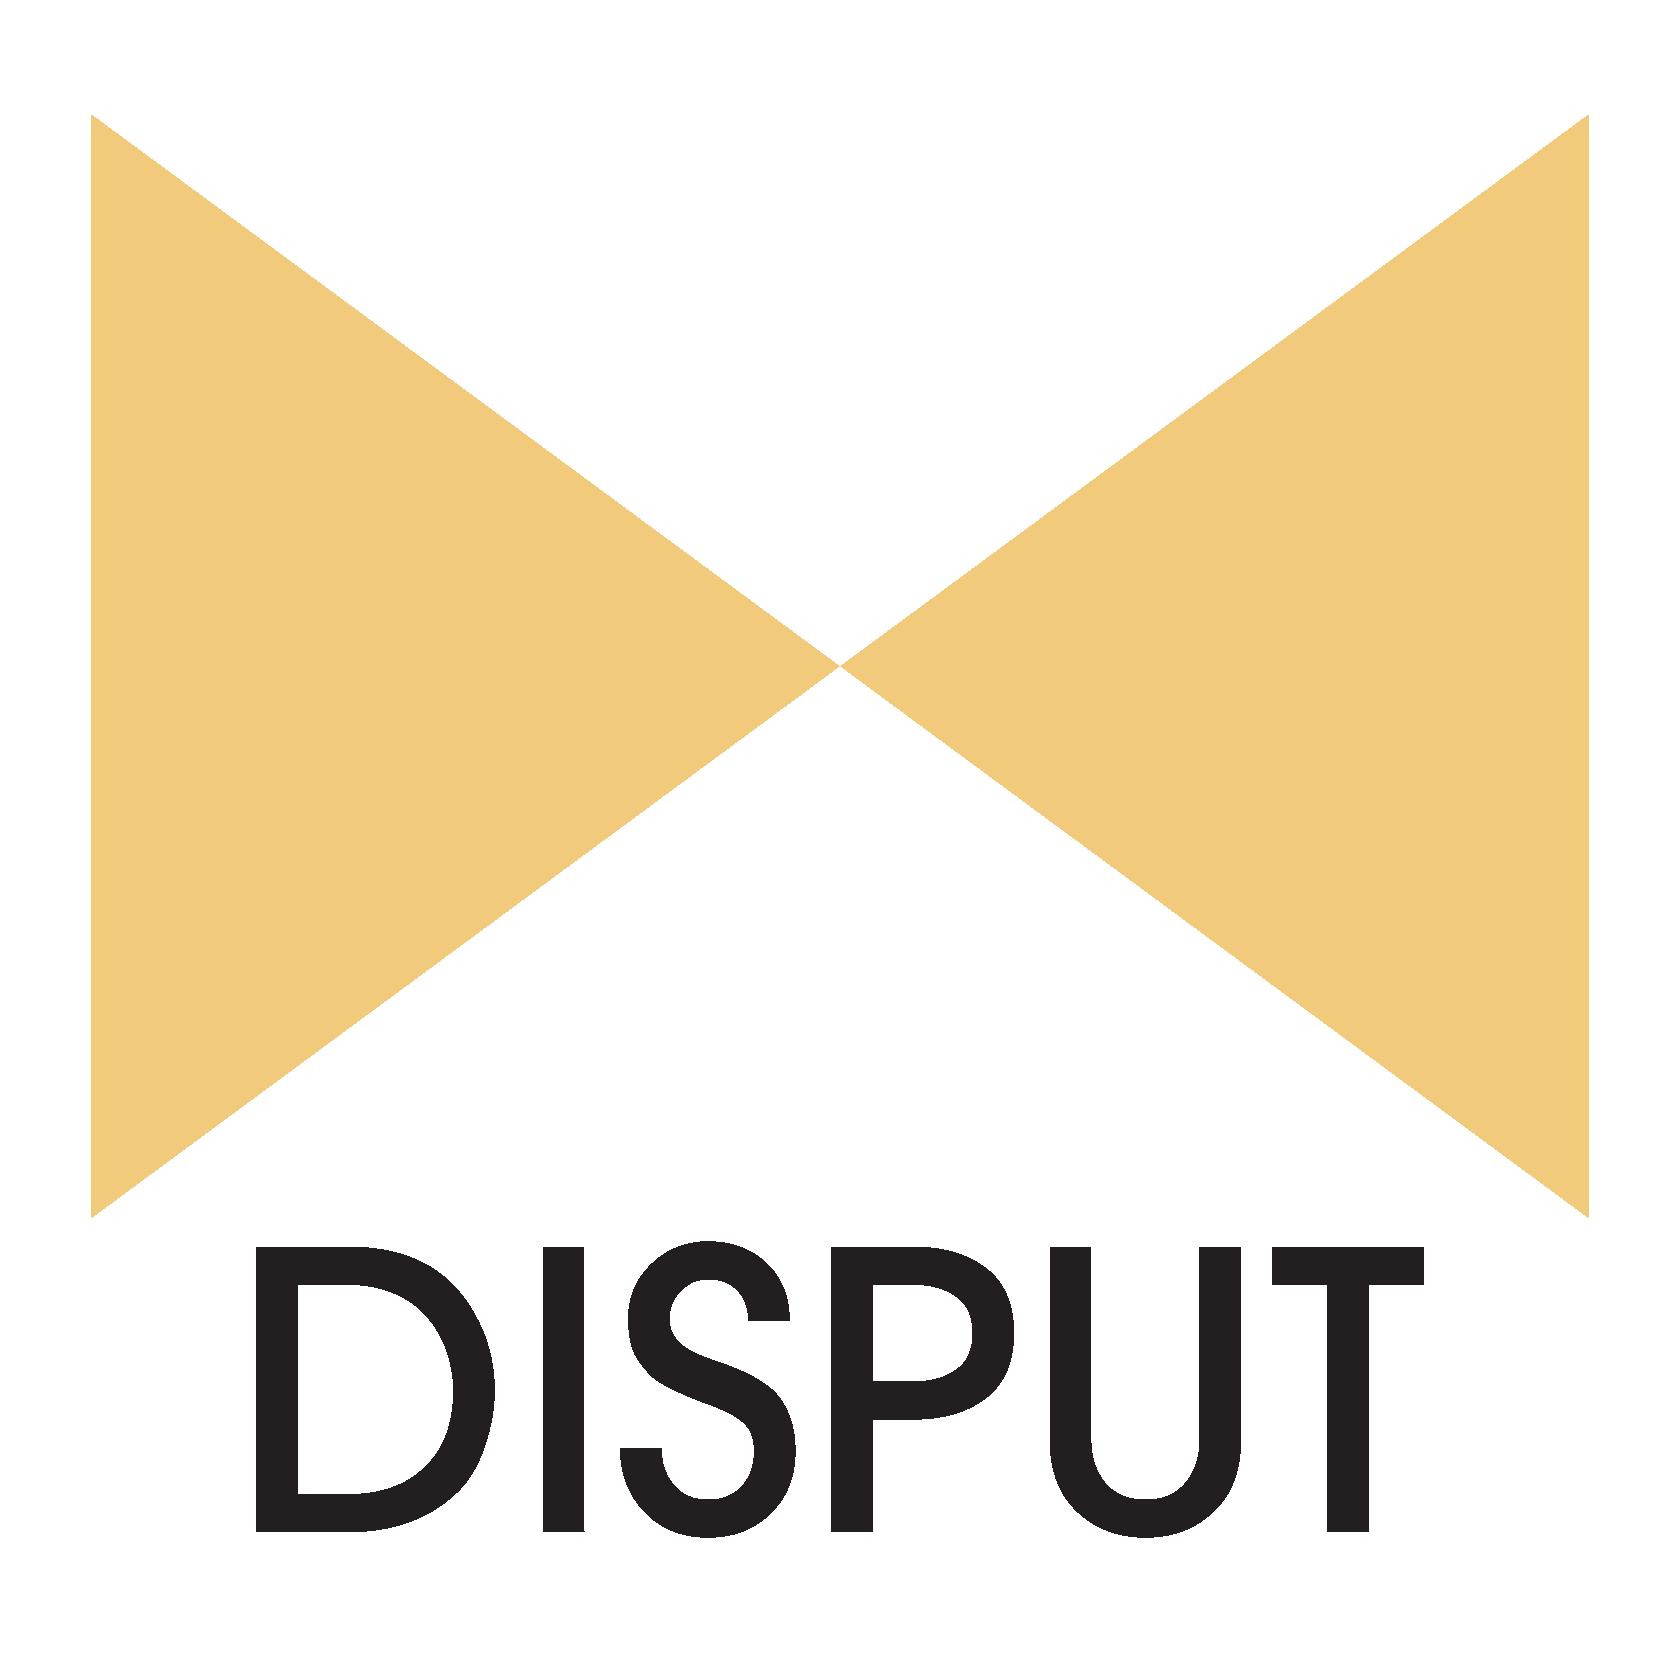 DISPUT